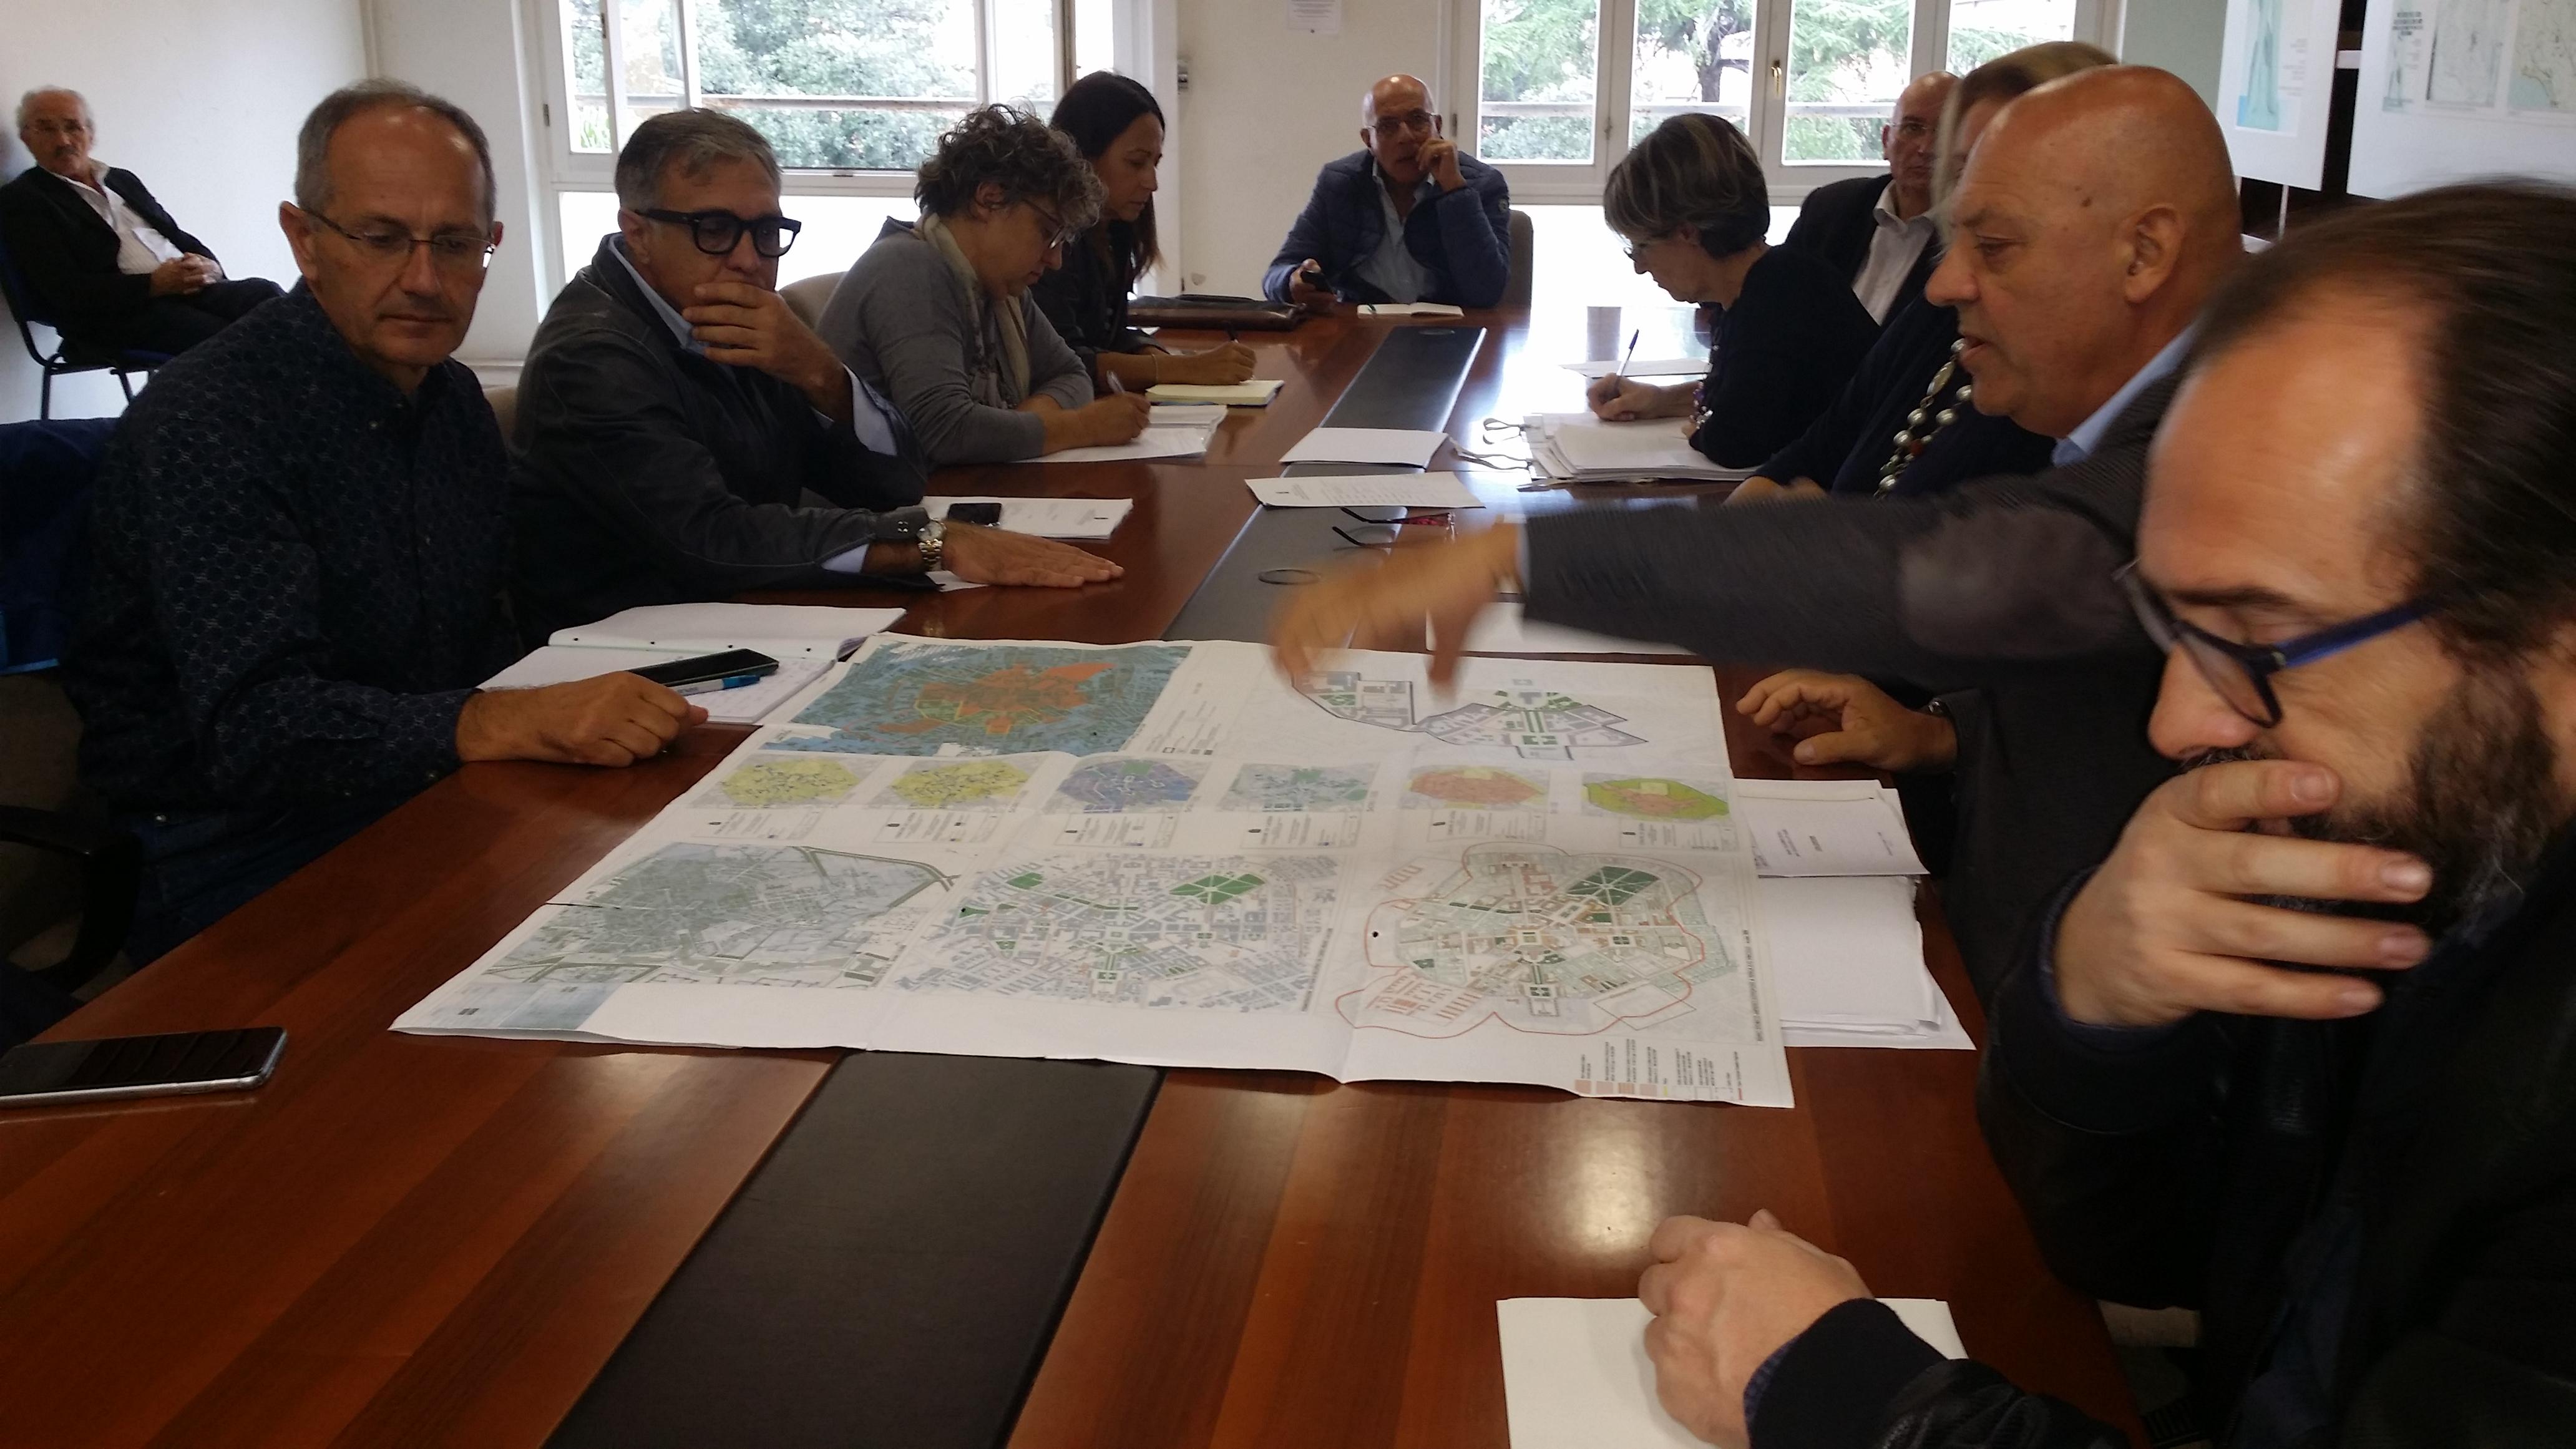 Foto scattata durante una recente seduta della commissione urbanistica